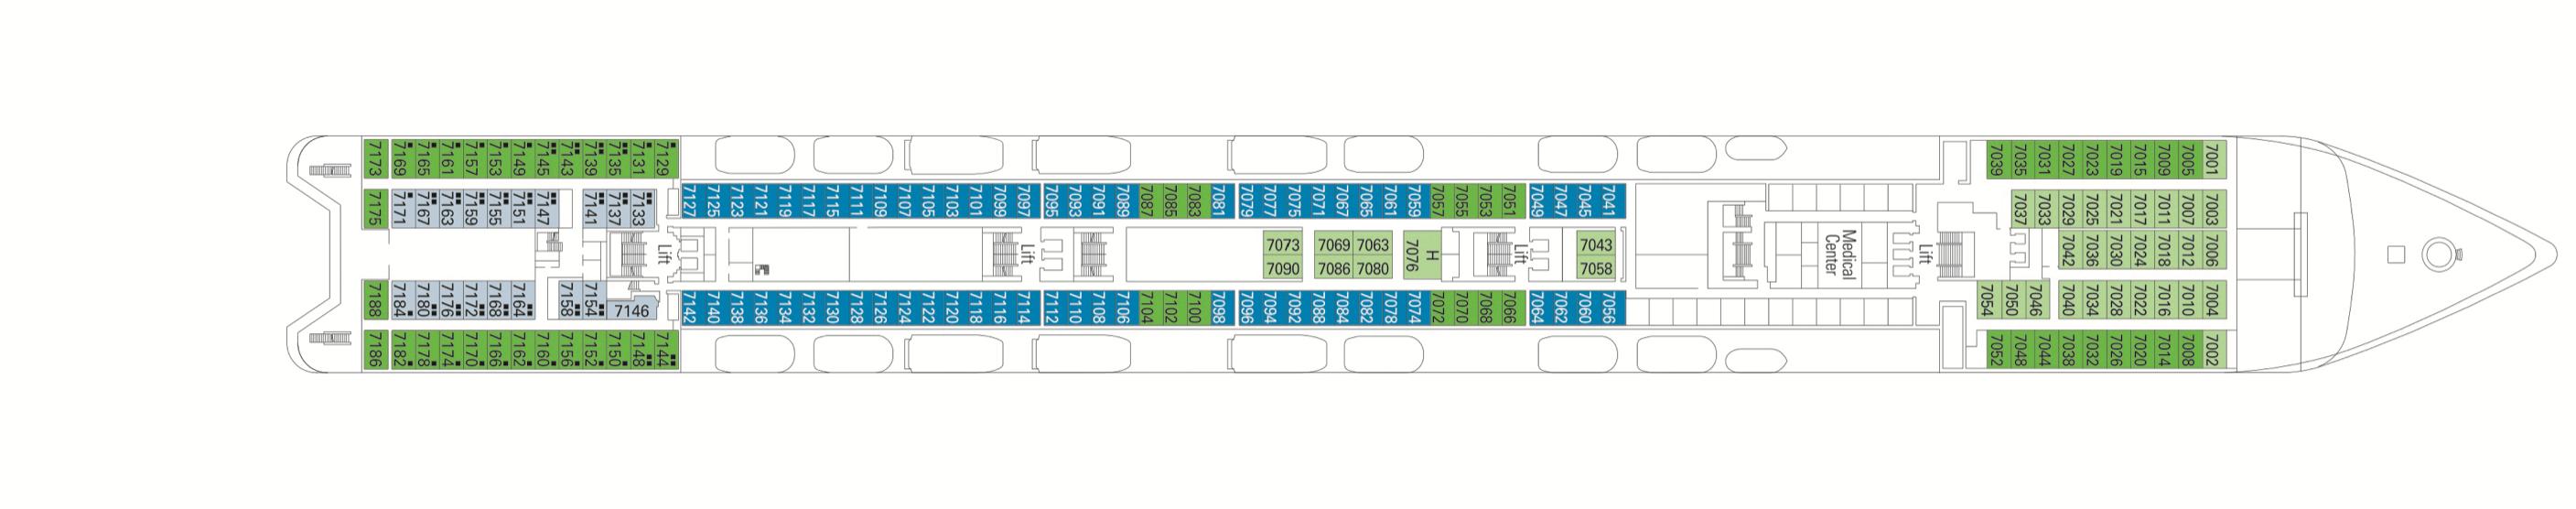 MSC Lirica Class Armonia Deck 7.jpg